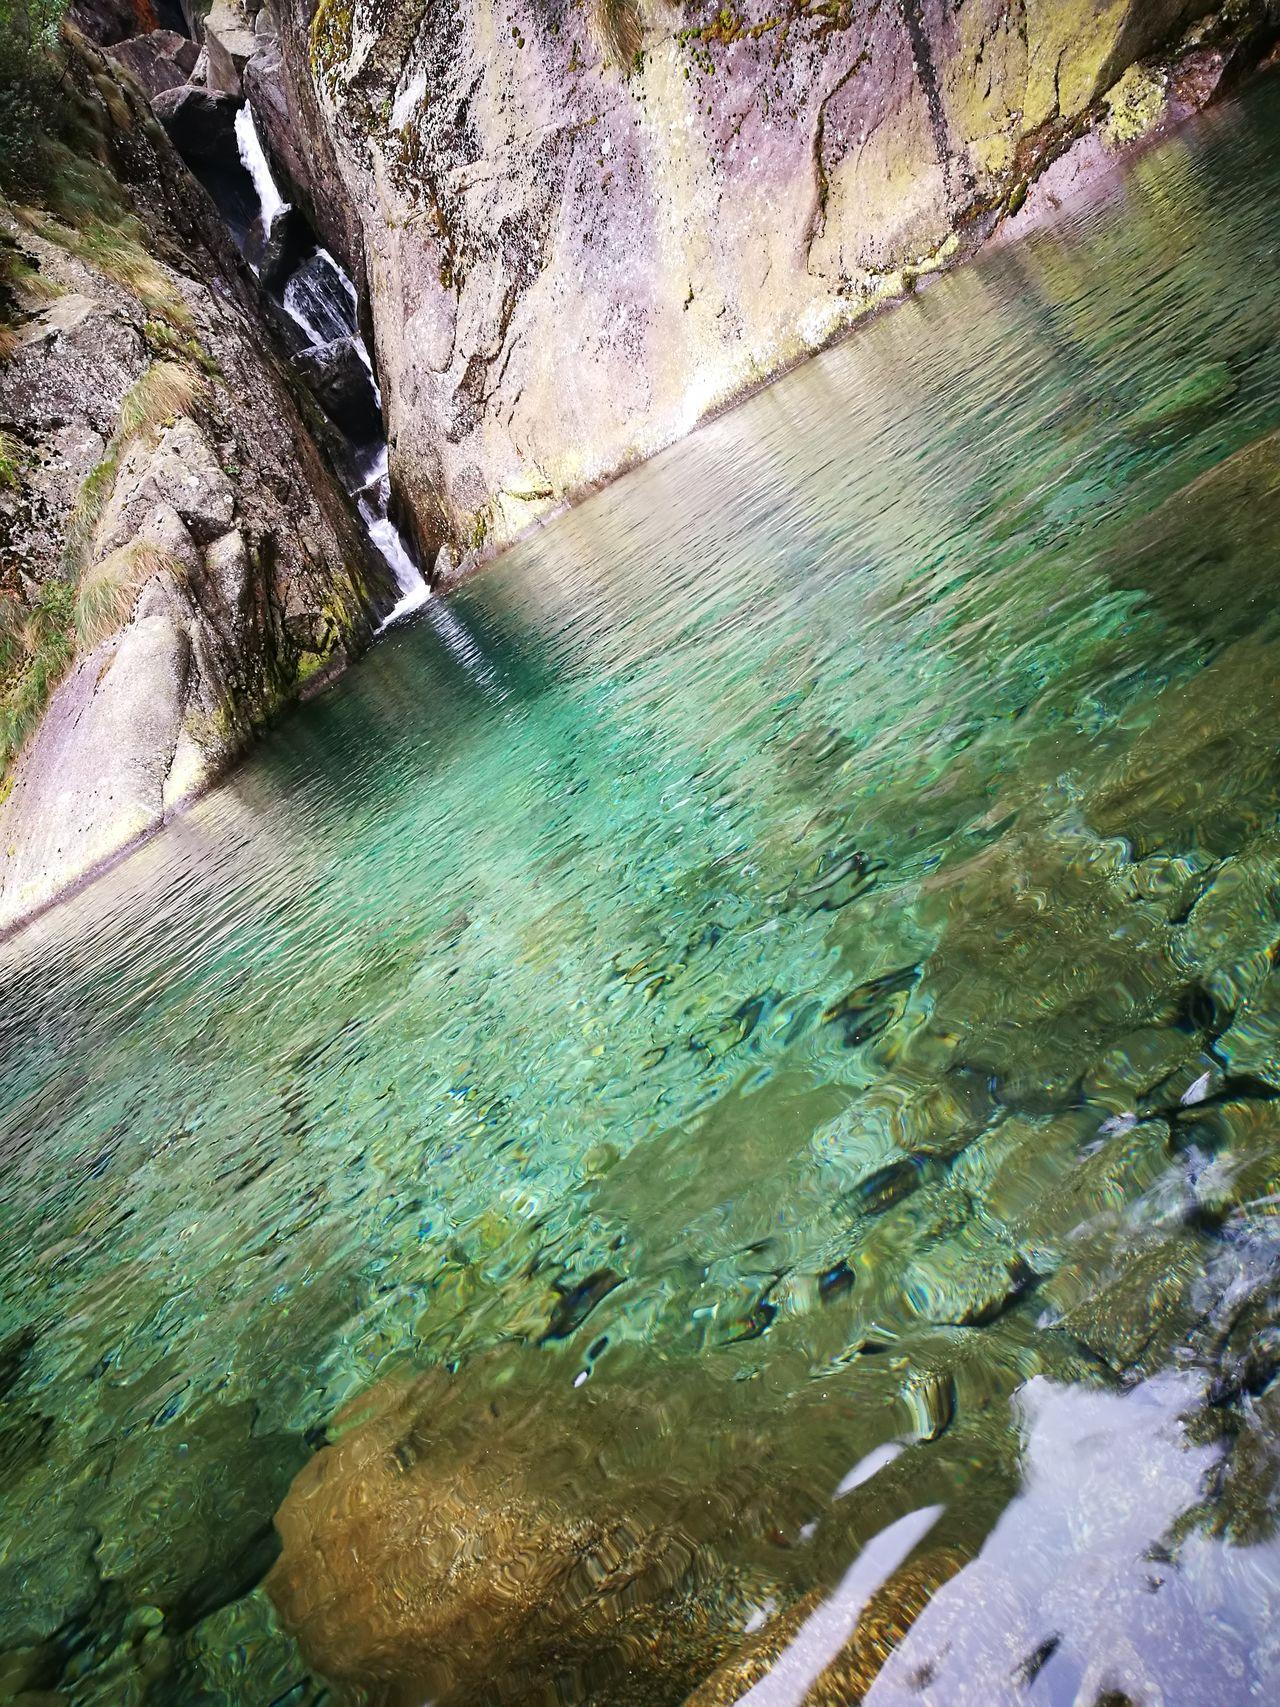 La goj di lasinetto Tranquility Water Reflection Nature